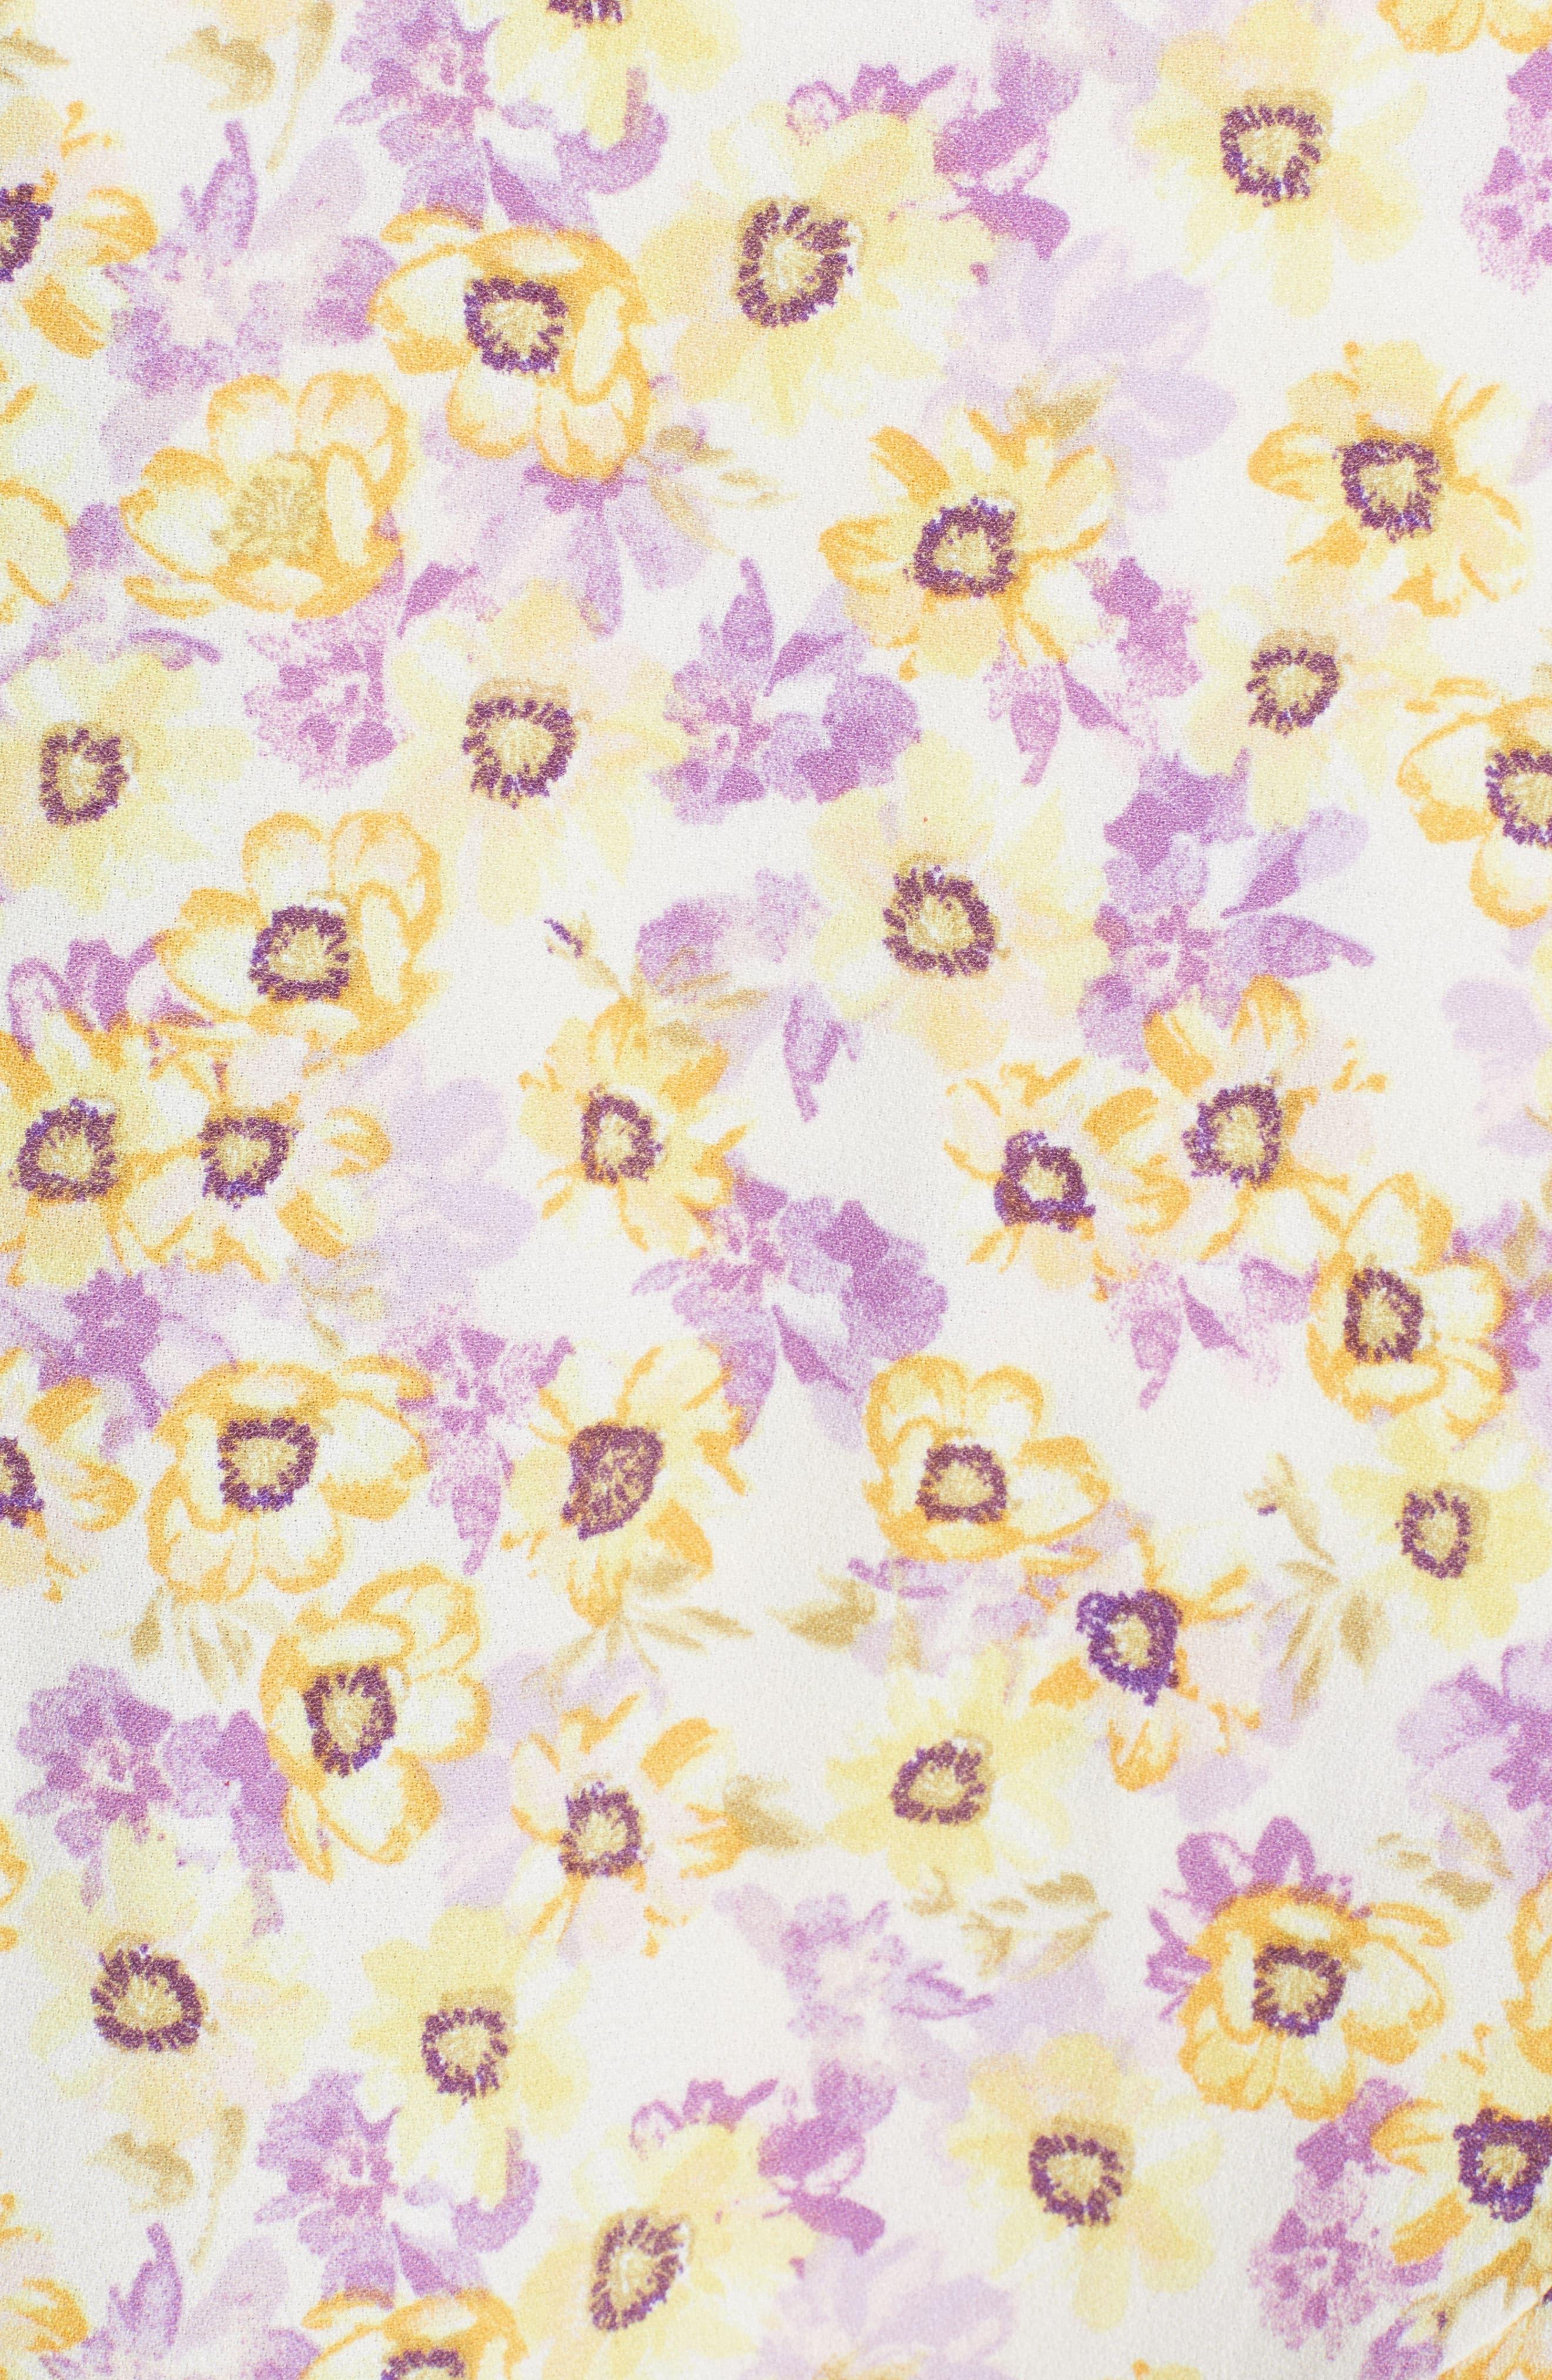 Andrea Ruffle Wrap Dress,                             Alternate thumbnail 15, color,